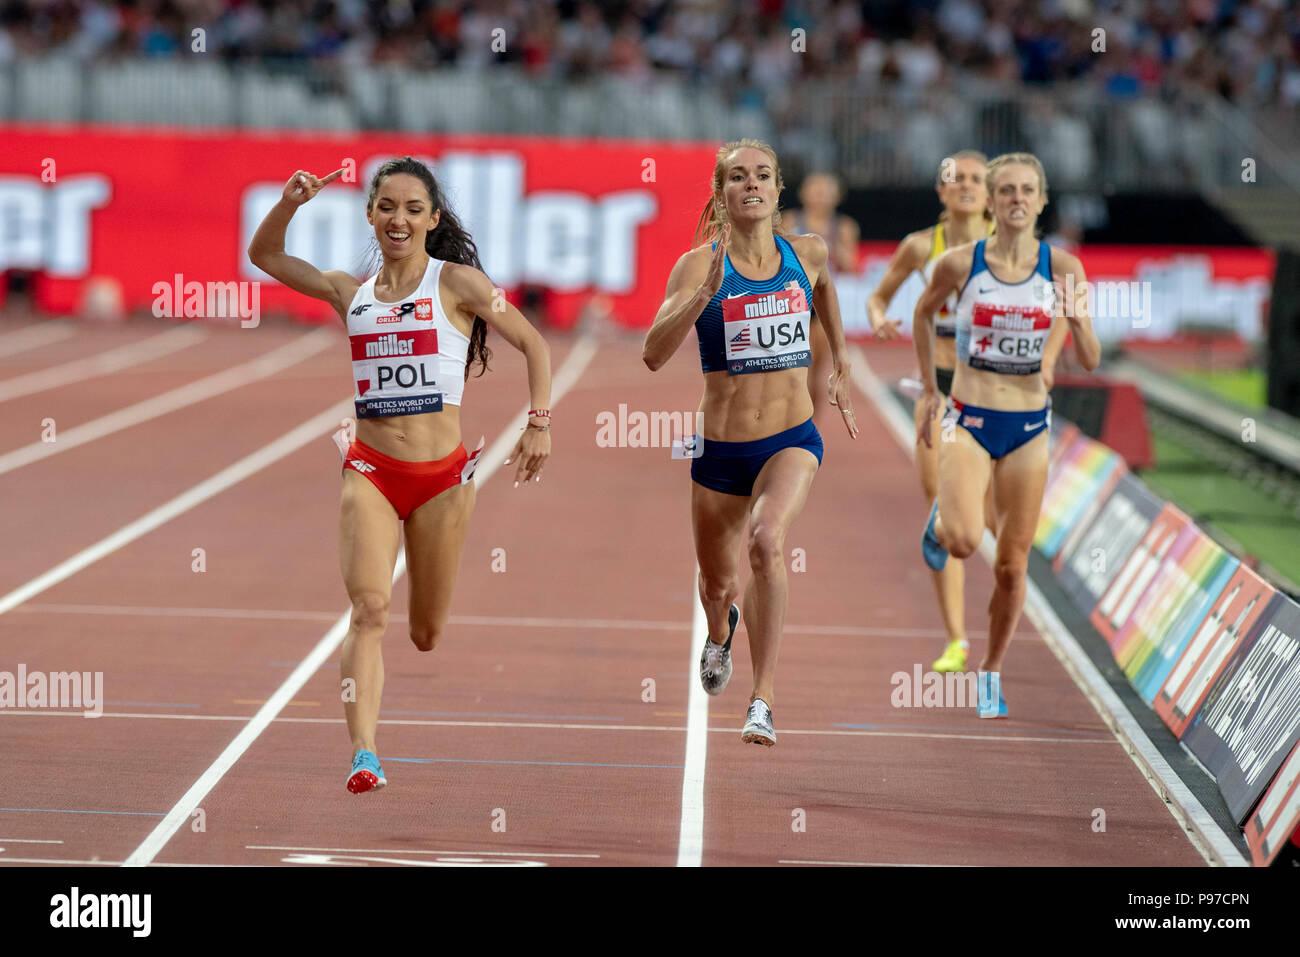 Londra, Regno Unito. Il 14 luglio 2018. Sofia Ennaoui (POL) vince il 1500 m a l atletica World Cup al London Stadium, Londra, grande Britiain, il 14 luglio 2018. Credito: Andrew Torba/Alamy Live News Immagini Stock